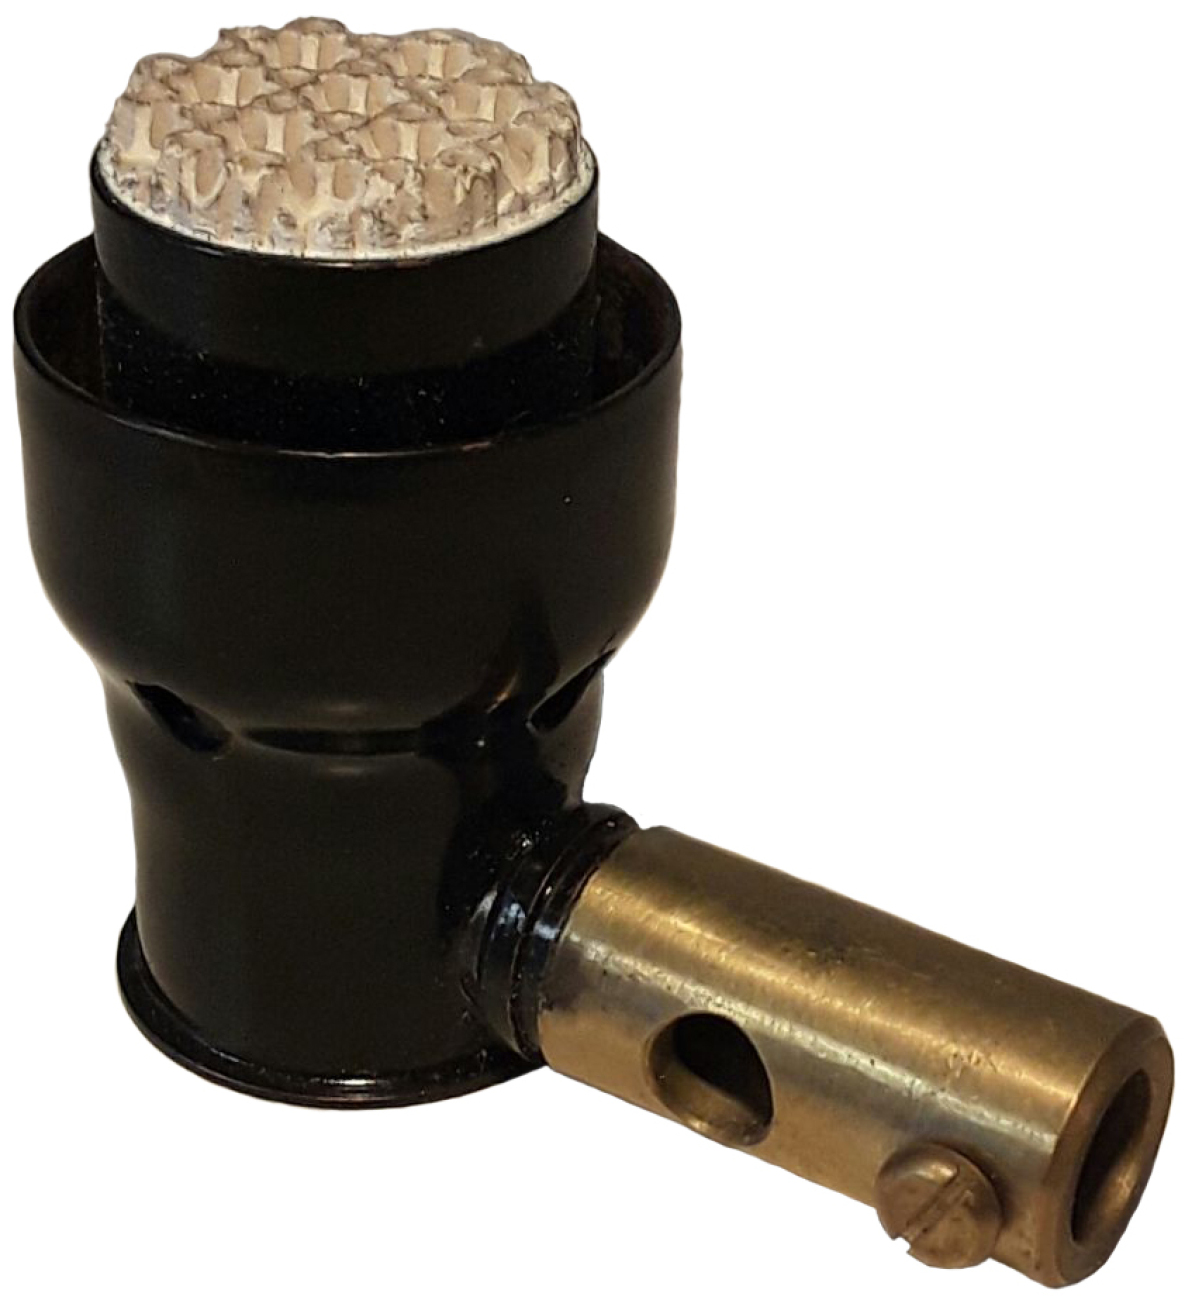 BIX 4 - Firetube Burner Suitable for 28mm & 35mm Firetube